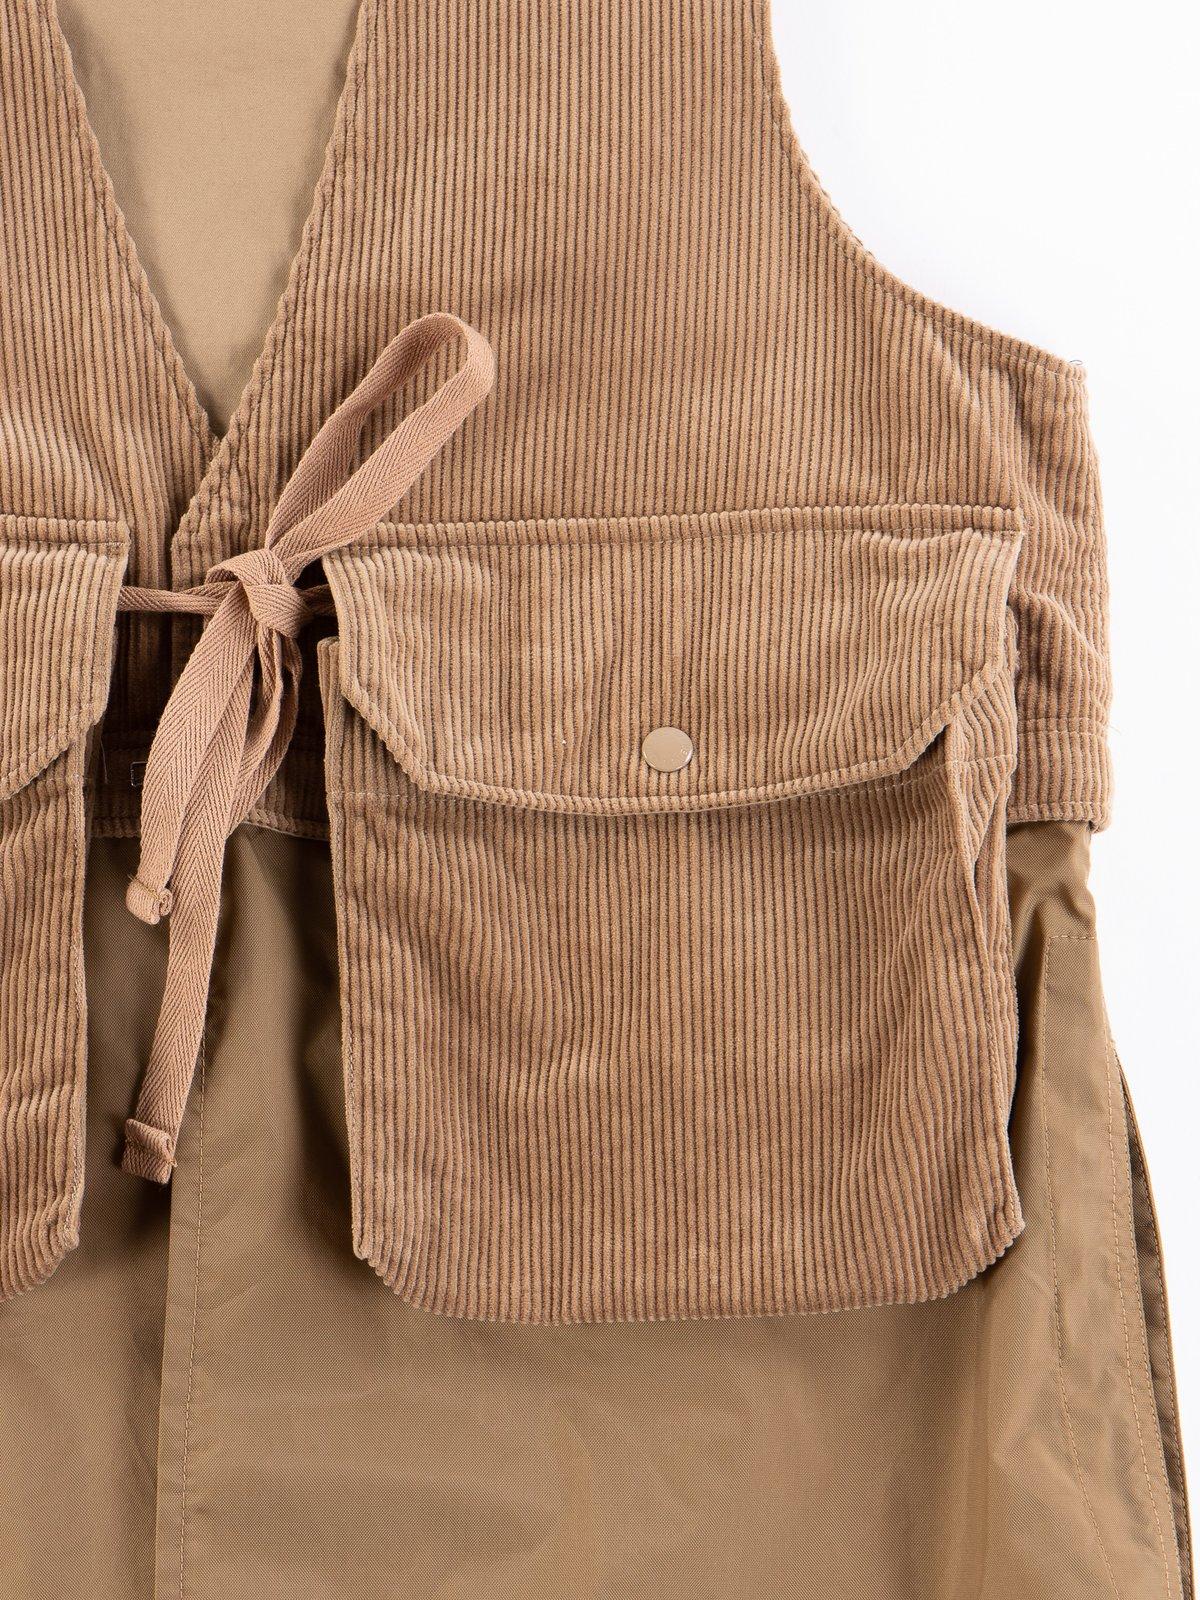 Khaki 8W Corduroy Long Fowl Vest - Image 4